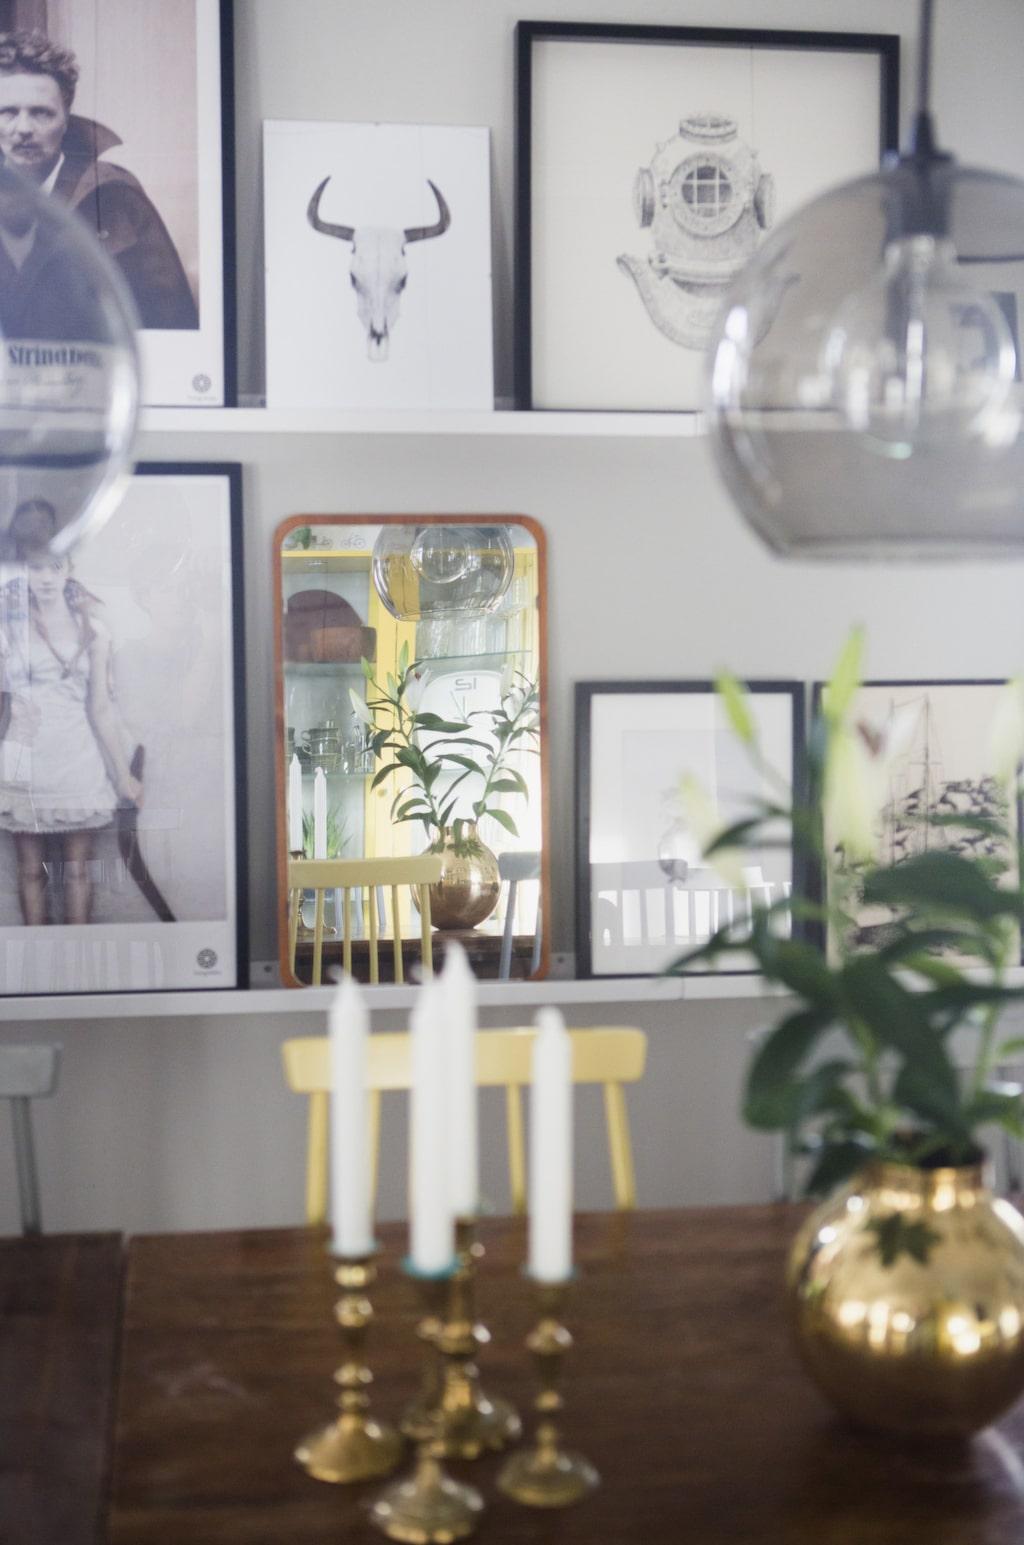 Mässing. På bordet står en vas från Skultuna messingsbruk och några gamla mässingsljusstakar. I bakgrunden syns parets tavelsamling.